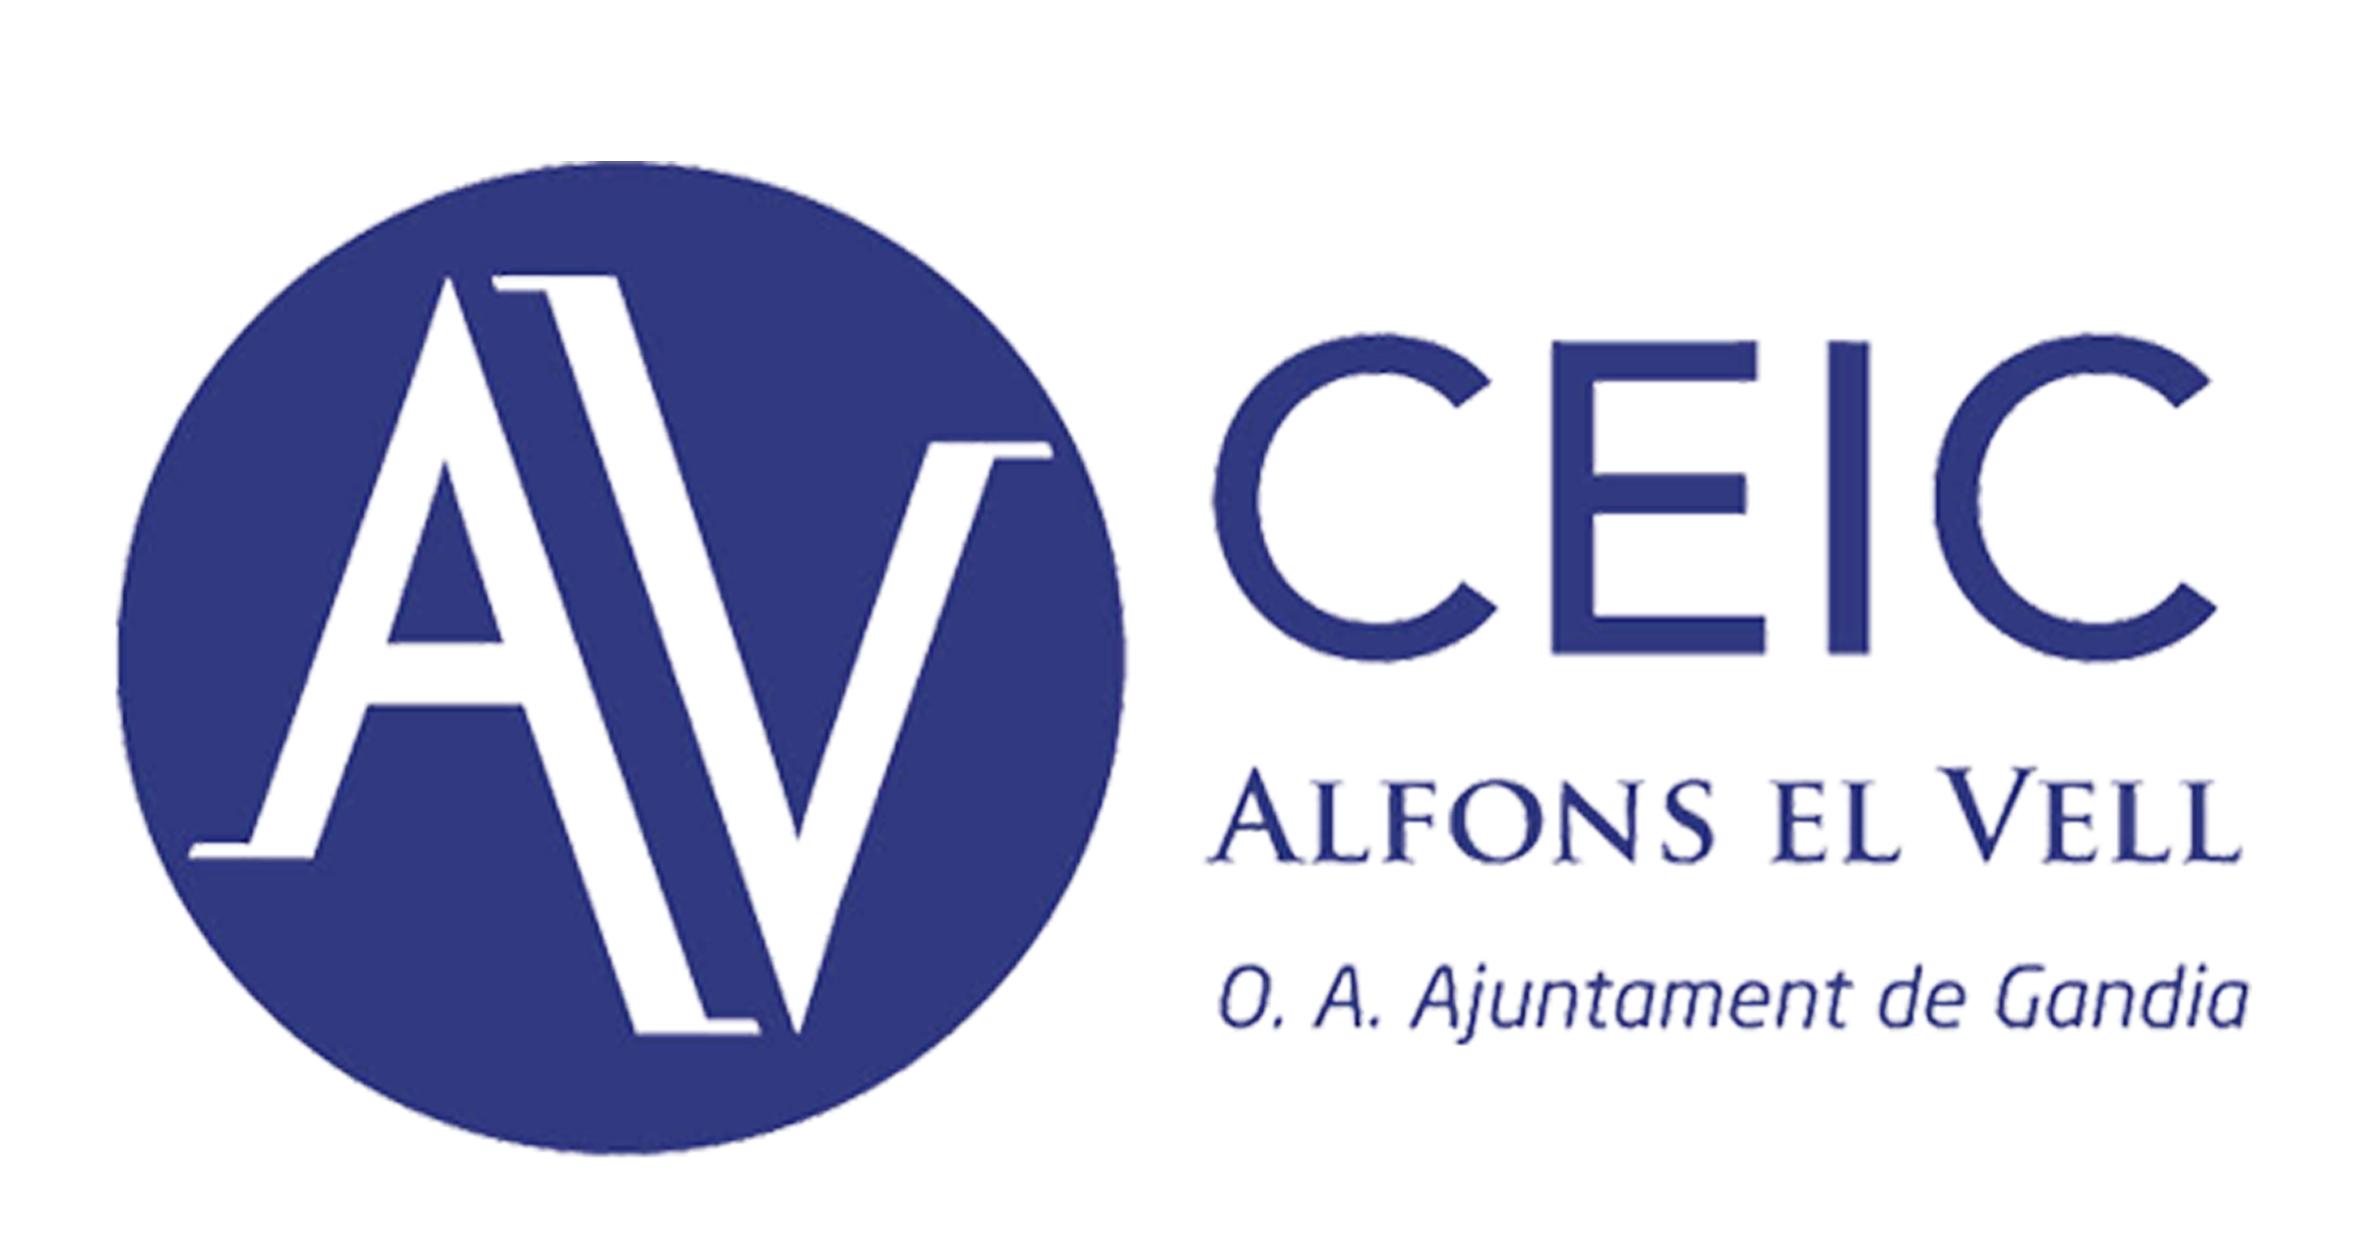 CEIC Alfons el vell